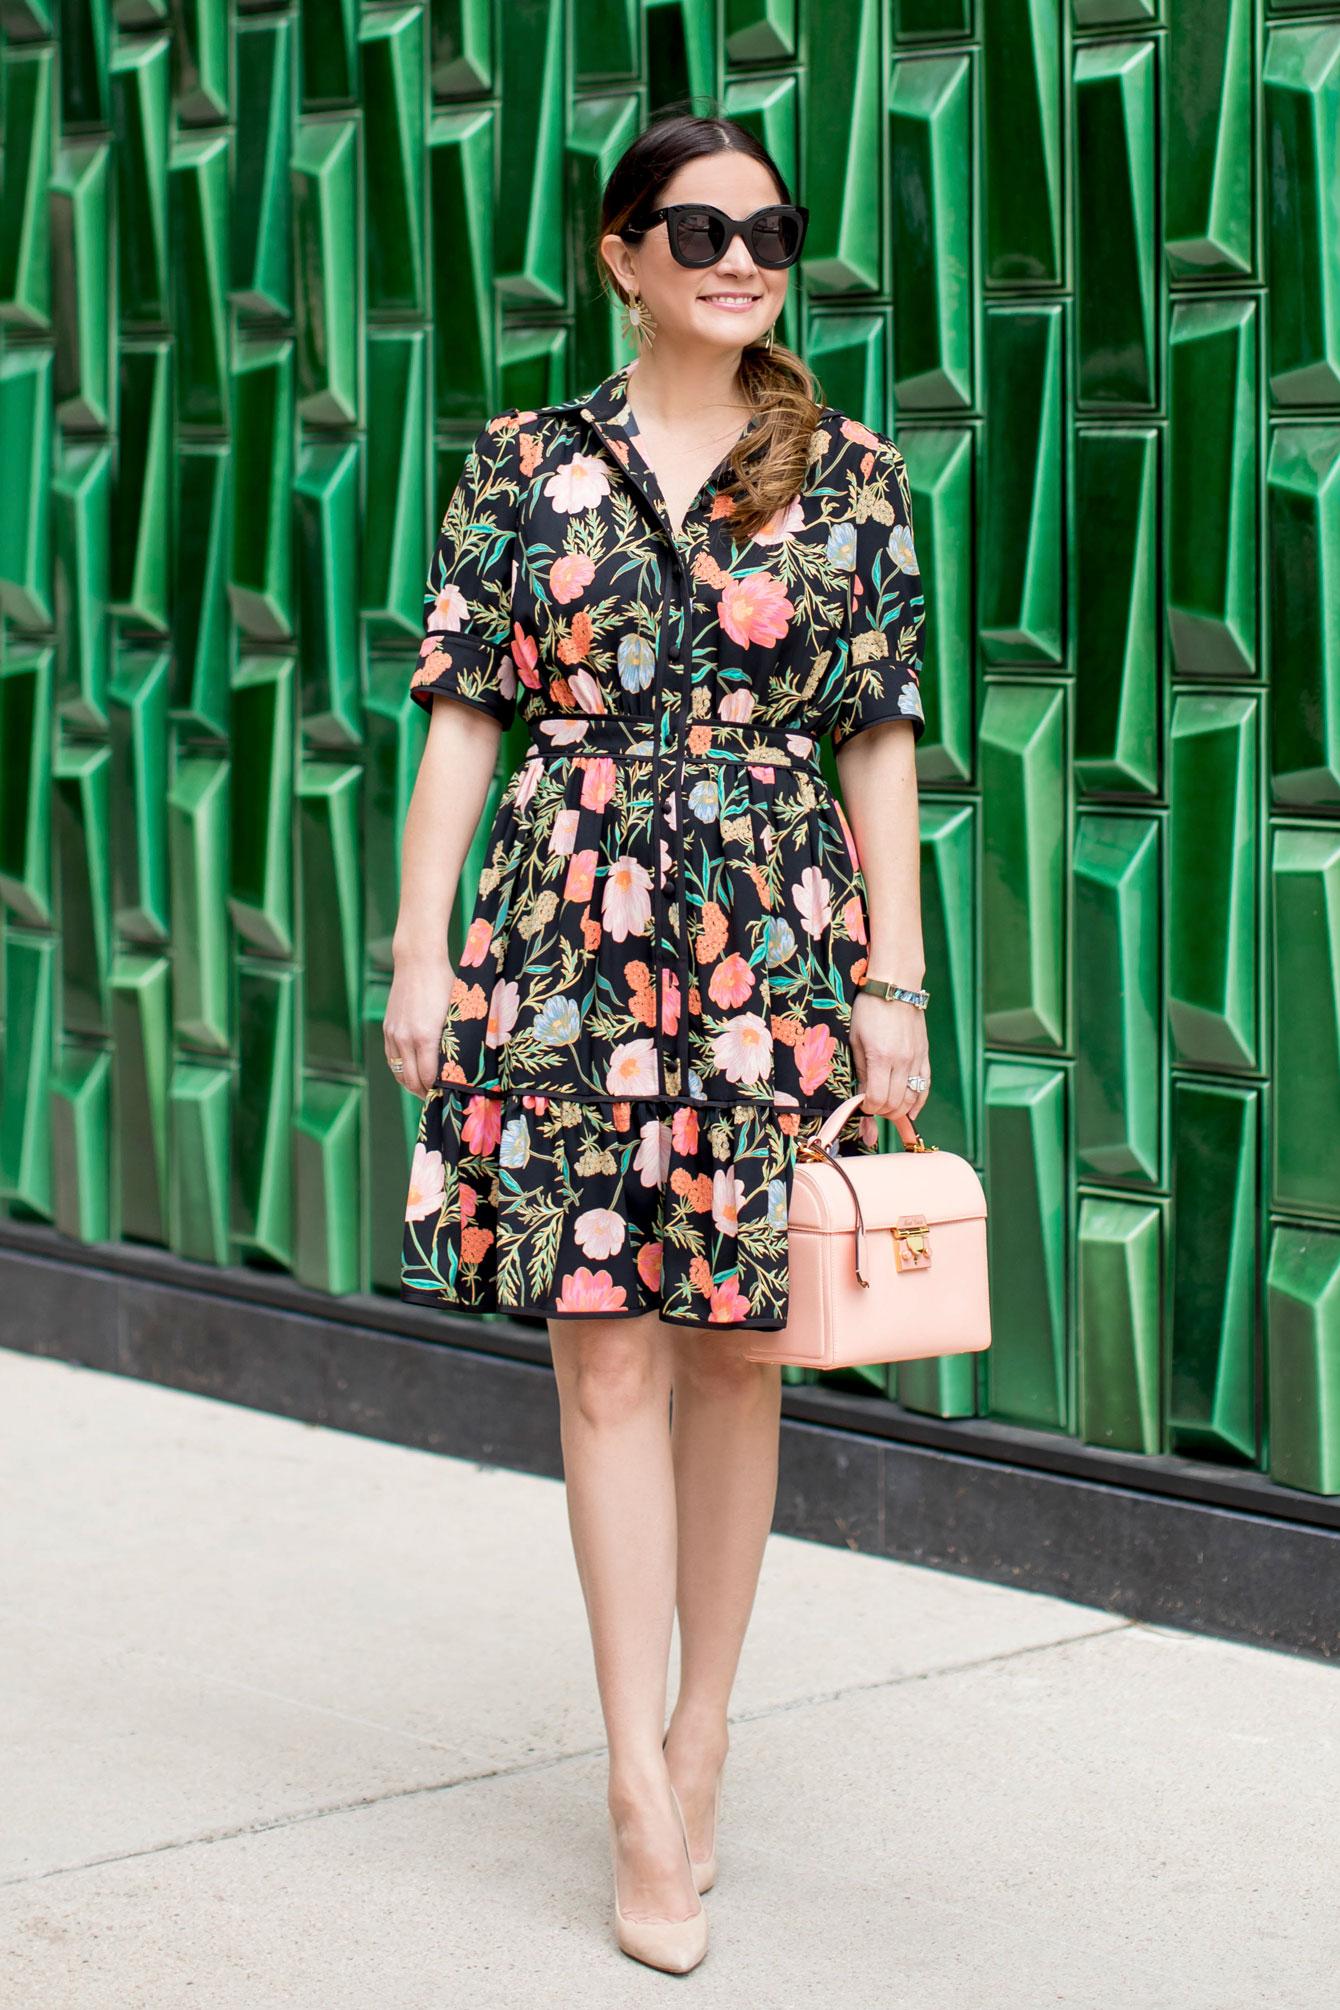 Kate Spade Spring 2018 Floral Dress